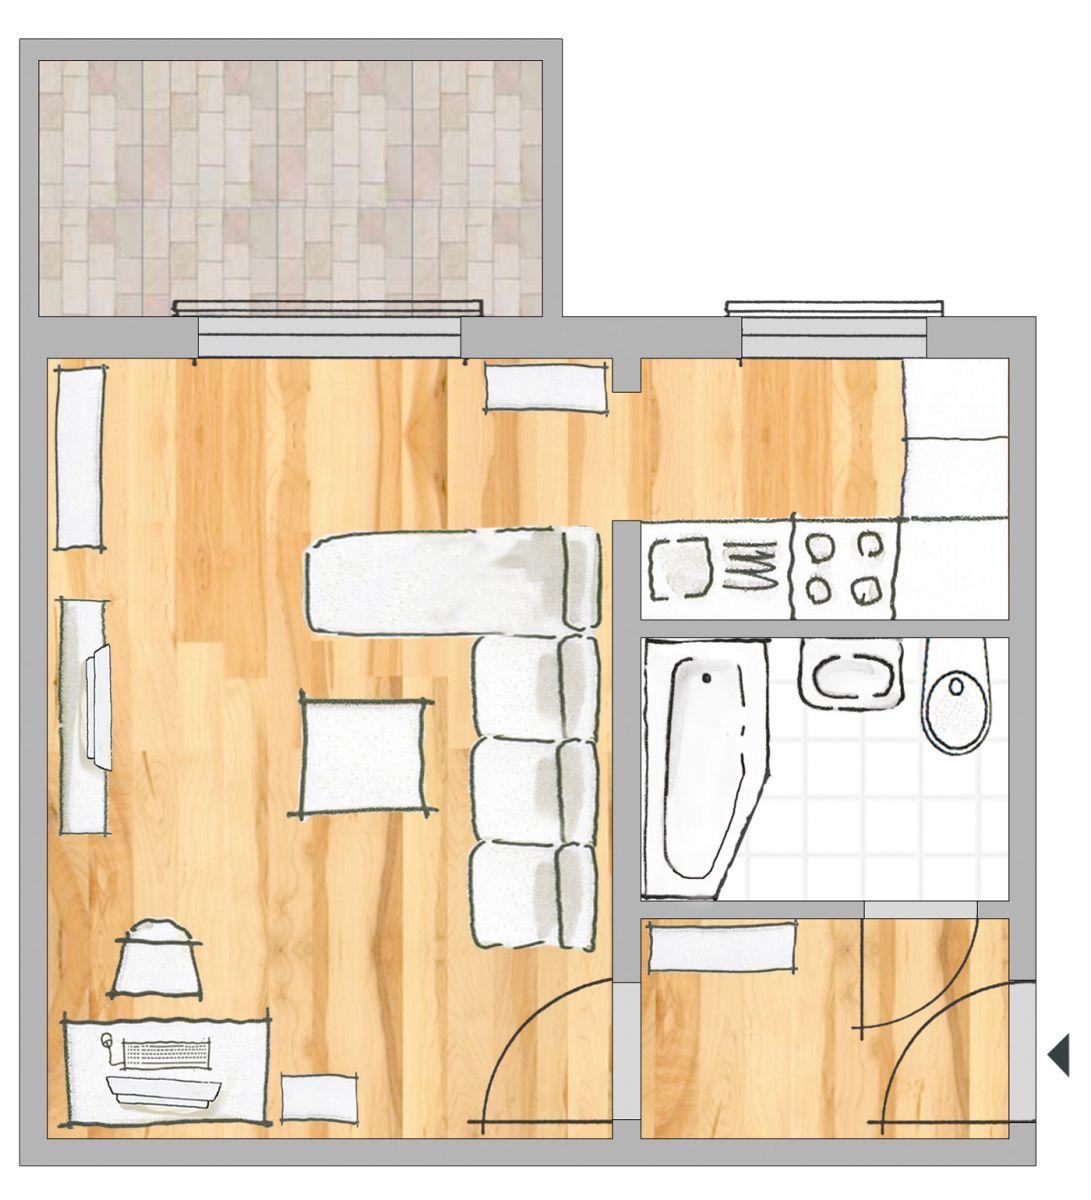 die erste eigene wohnung guwo guben. Black Bedroom Furniture Sets. Home Design Ideas